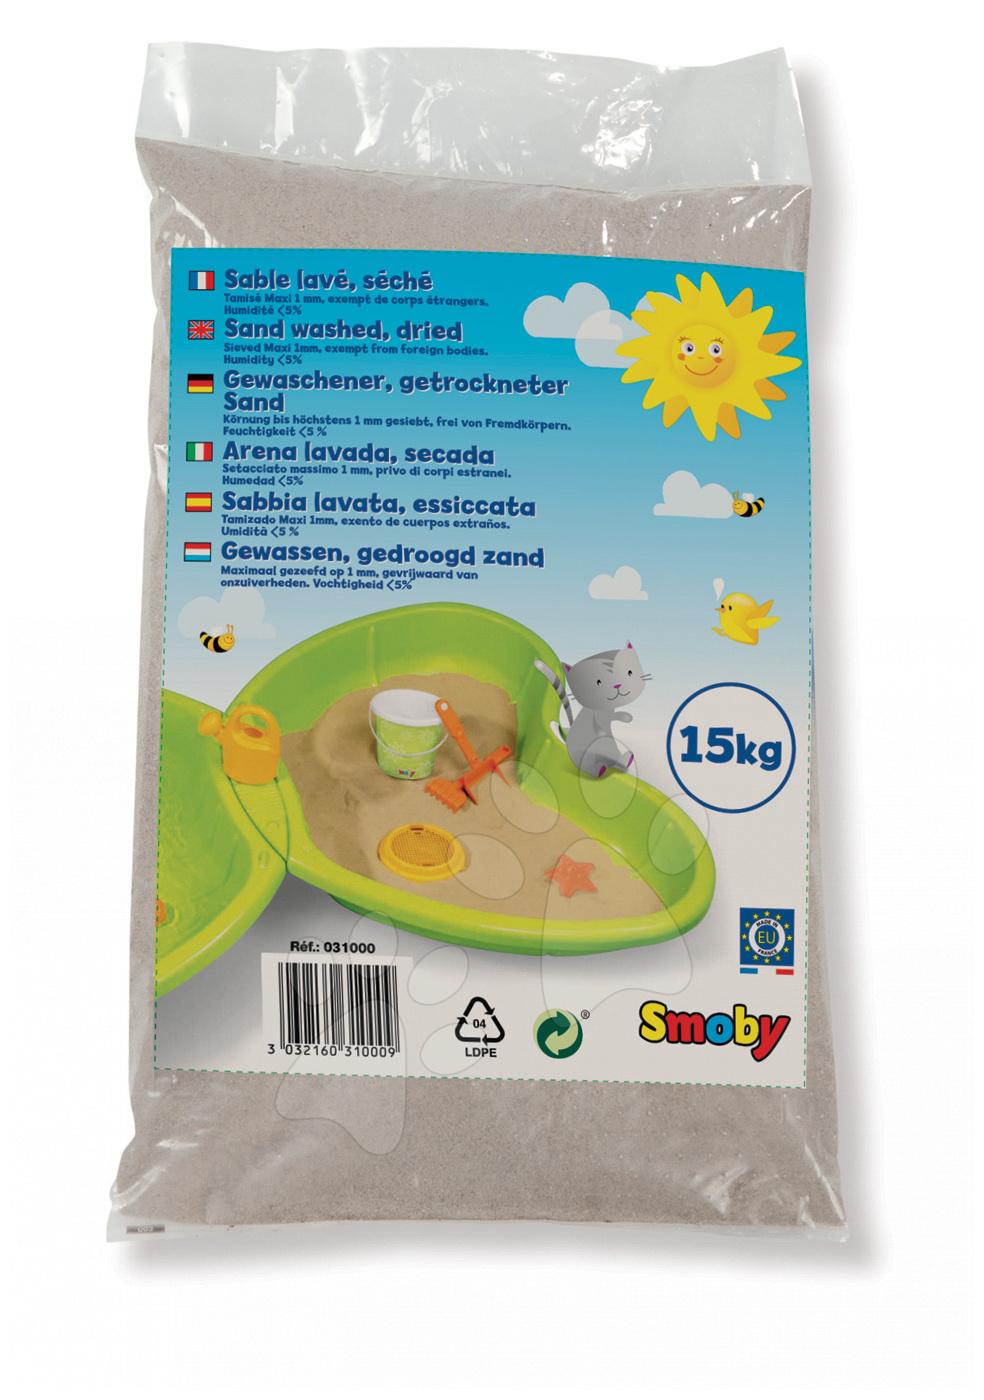 Hygienický písek Smoby do pískoviště 15 kg od 24 měsíců